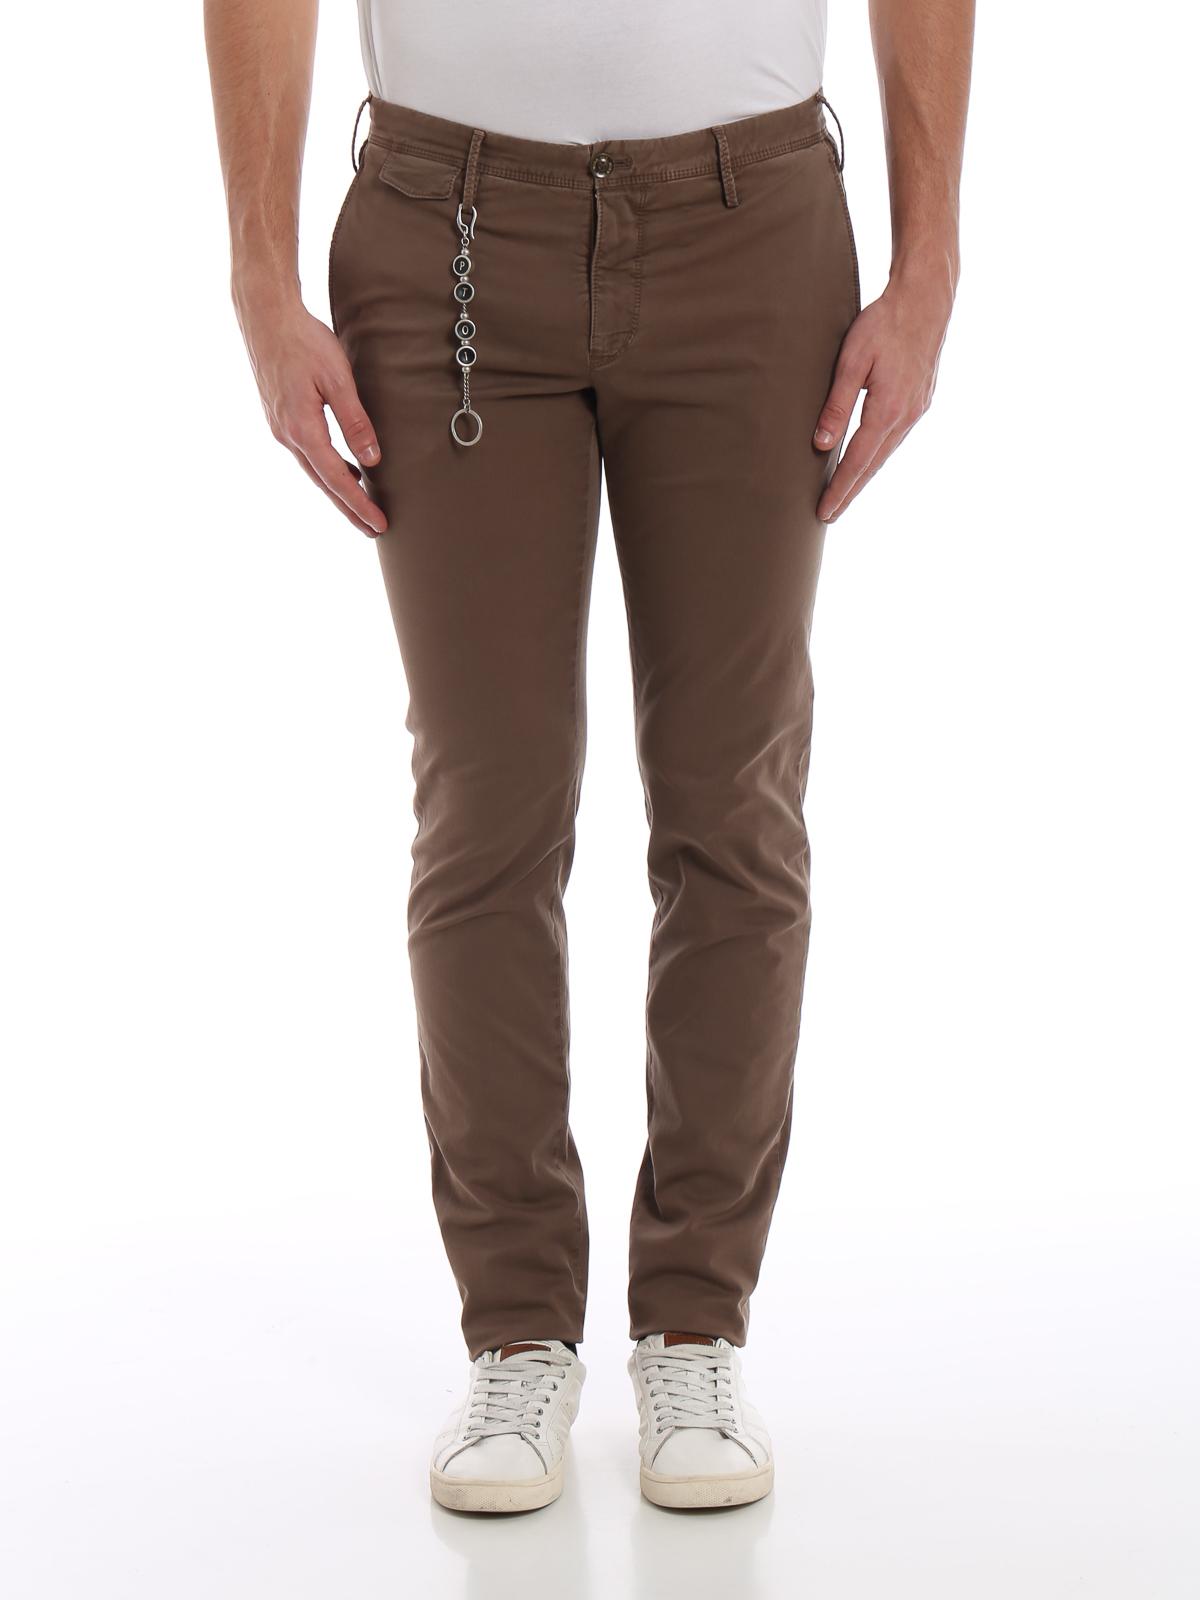 iKRIX PT 01  pantaloni casual - Pantaloni in drill di cotone color cacao 546114a3c1b